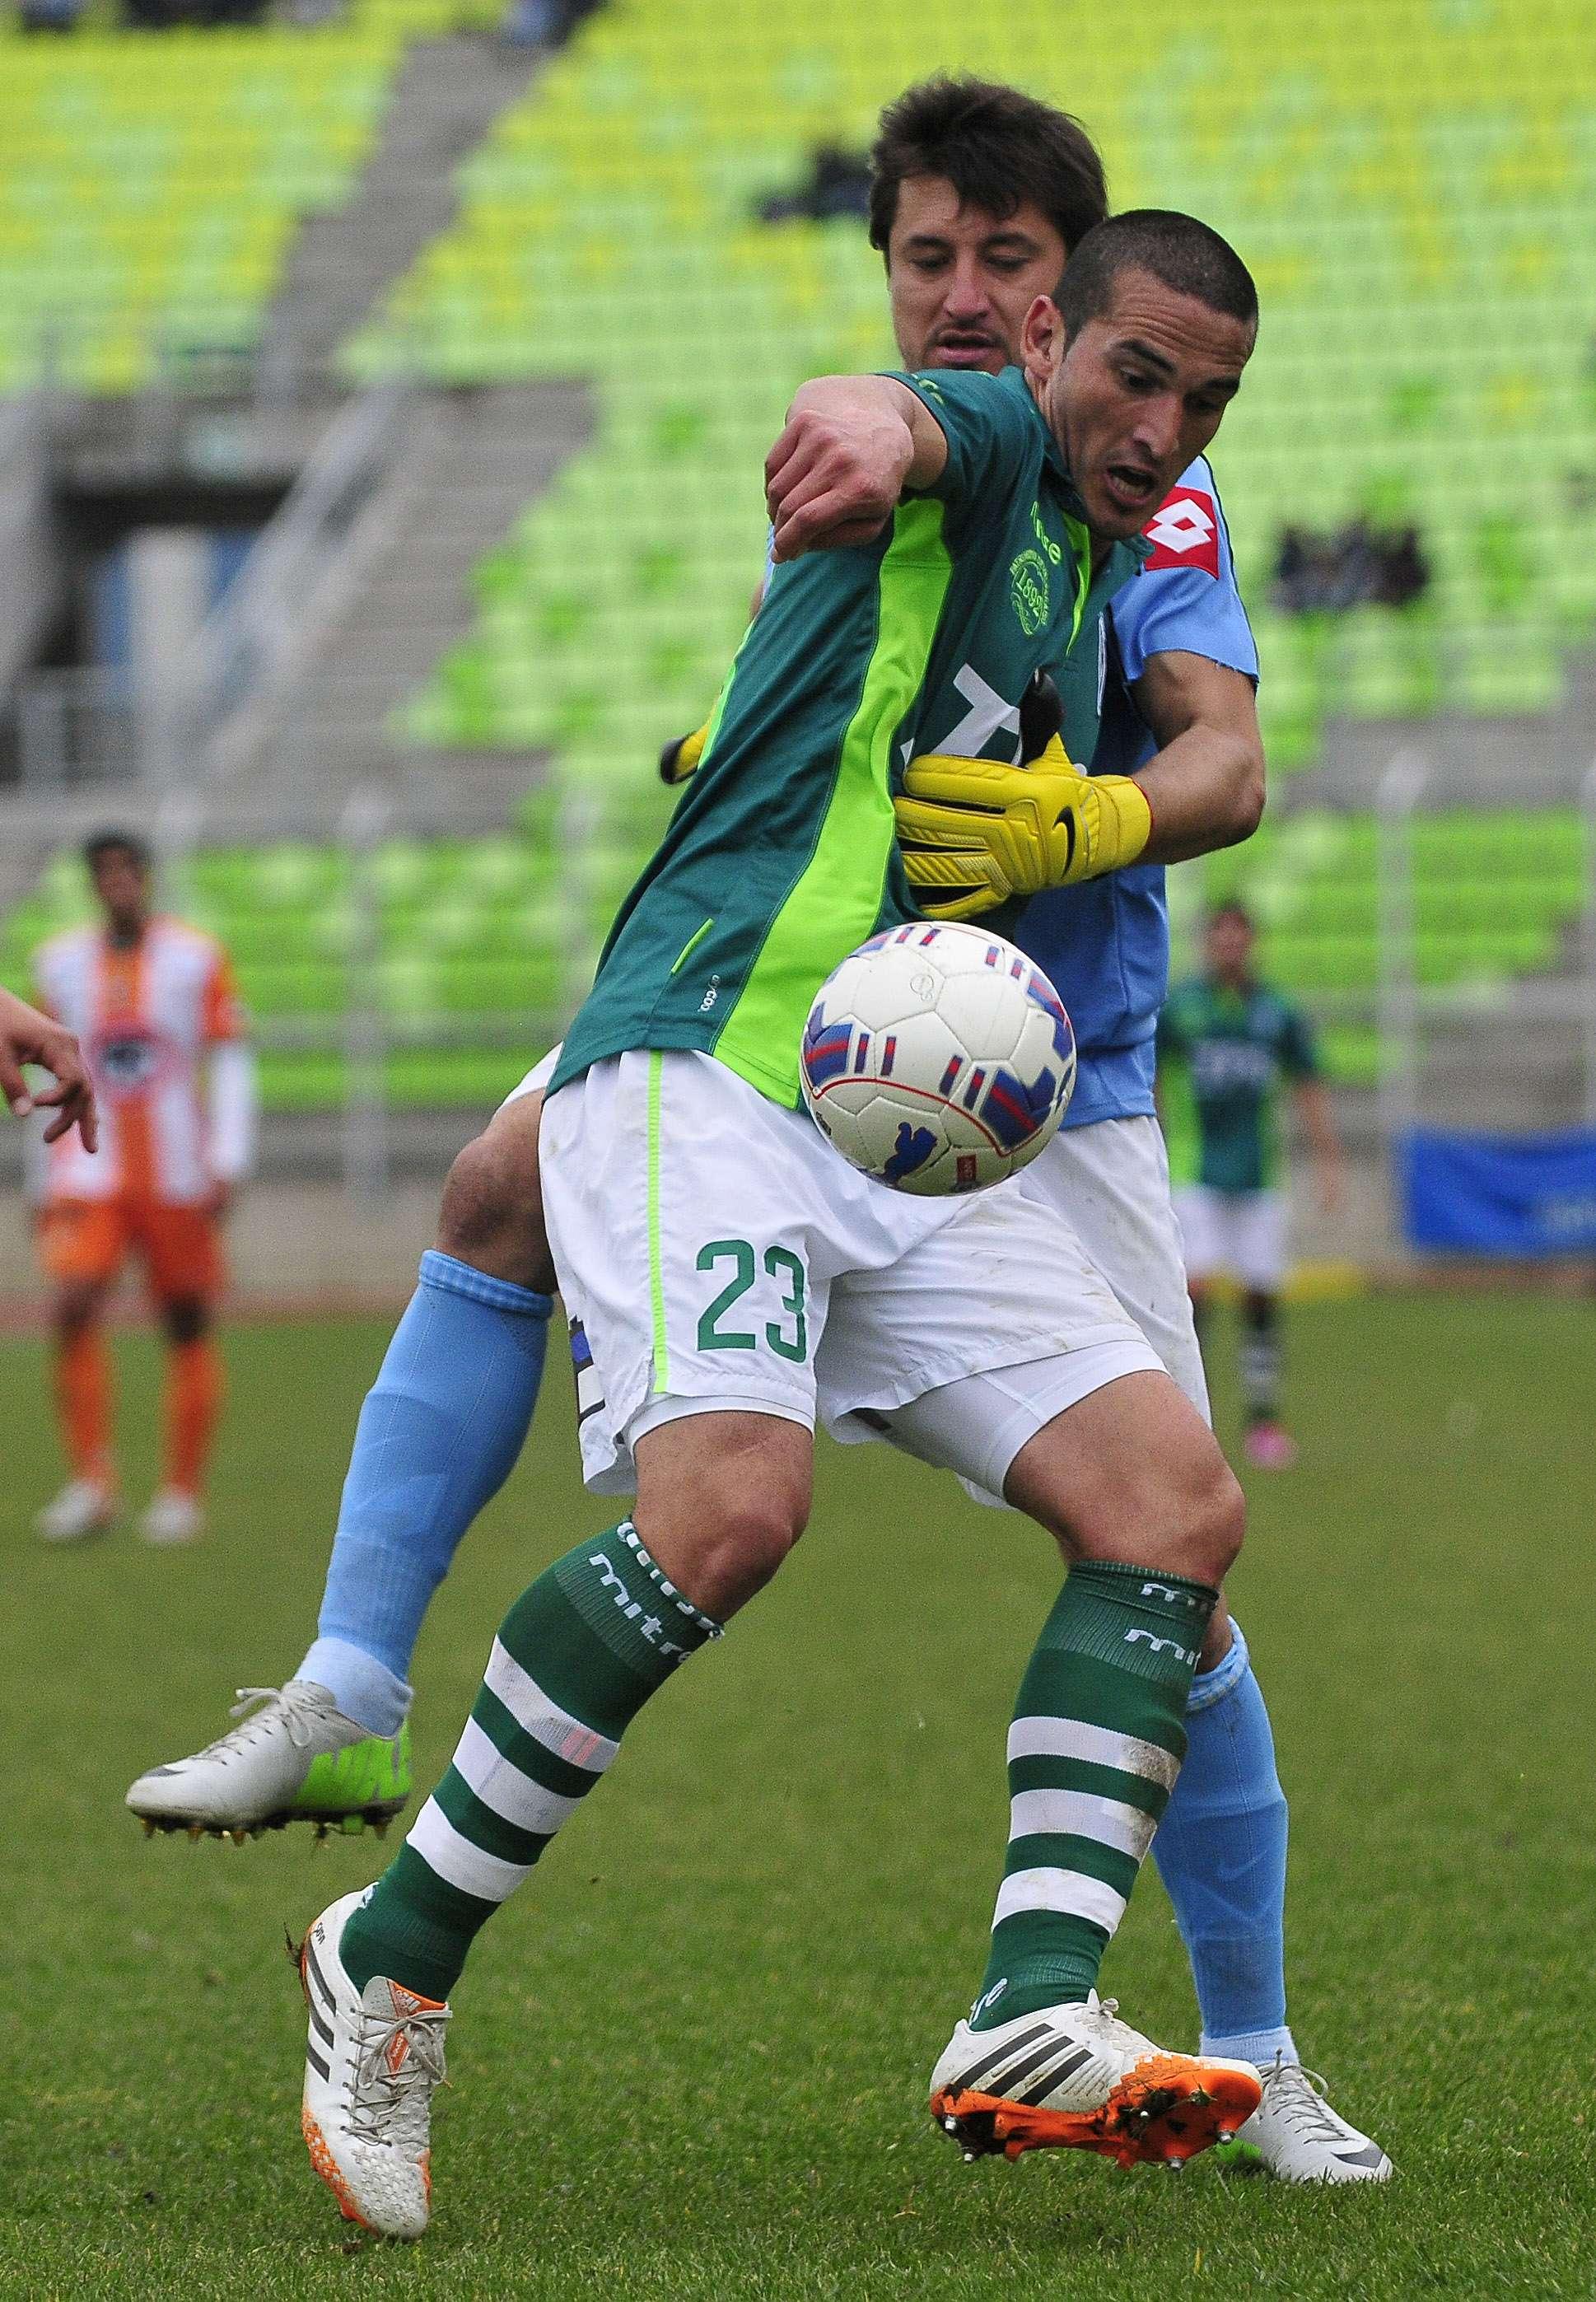 Santiago Wanderers derrotó este sábado por 4-1 a Cobresal, en Valparaíso, por la octava fecha del Torneo de Apertura 2014. Foto: Agencia UNO